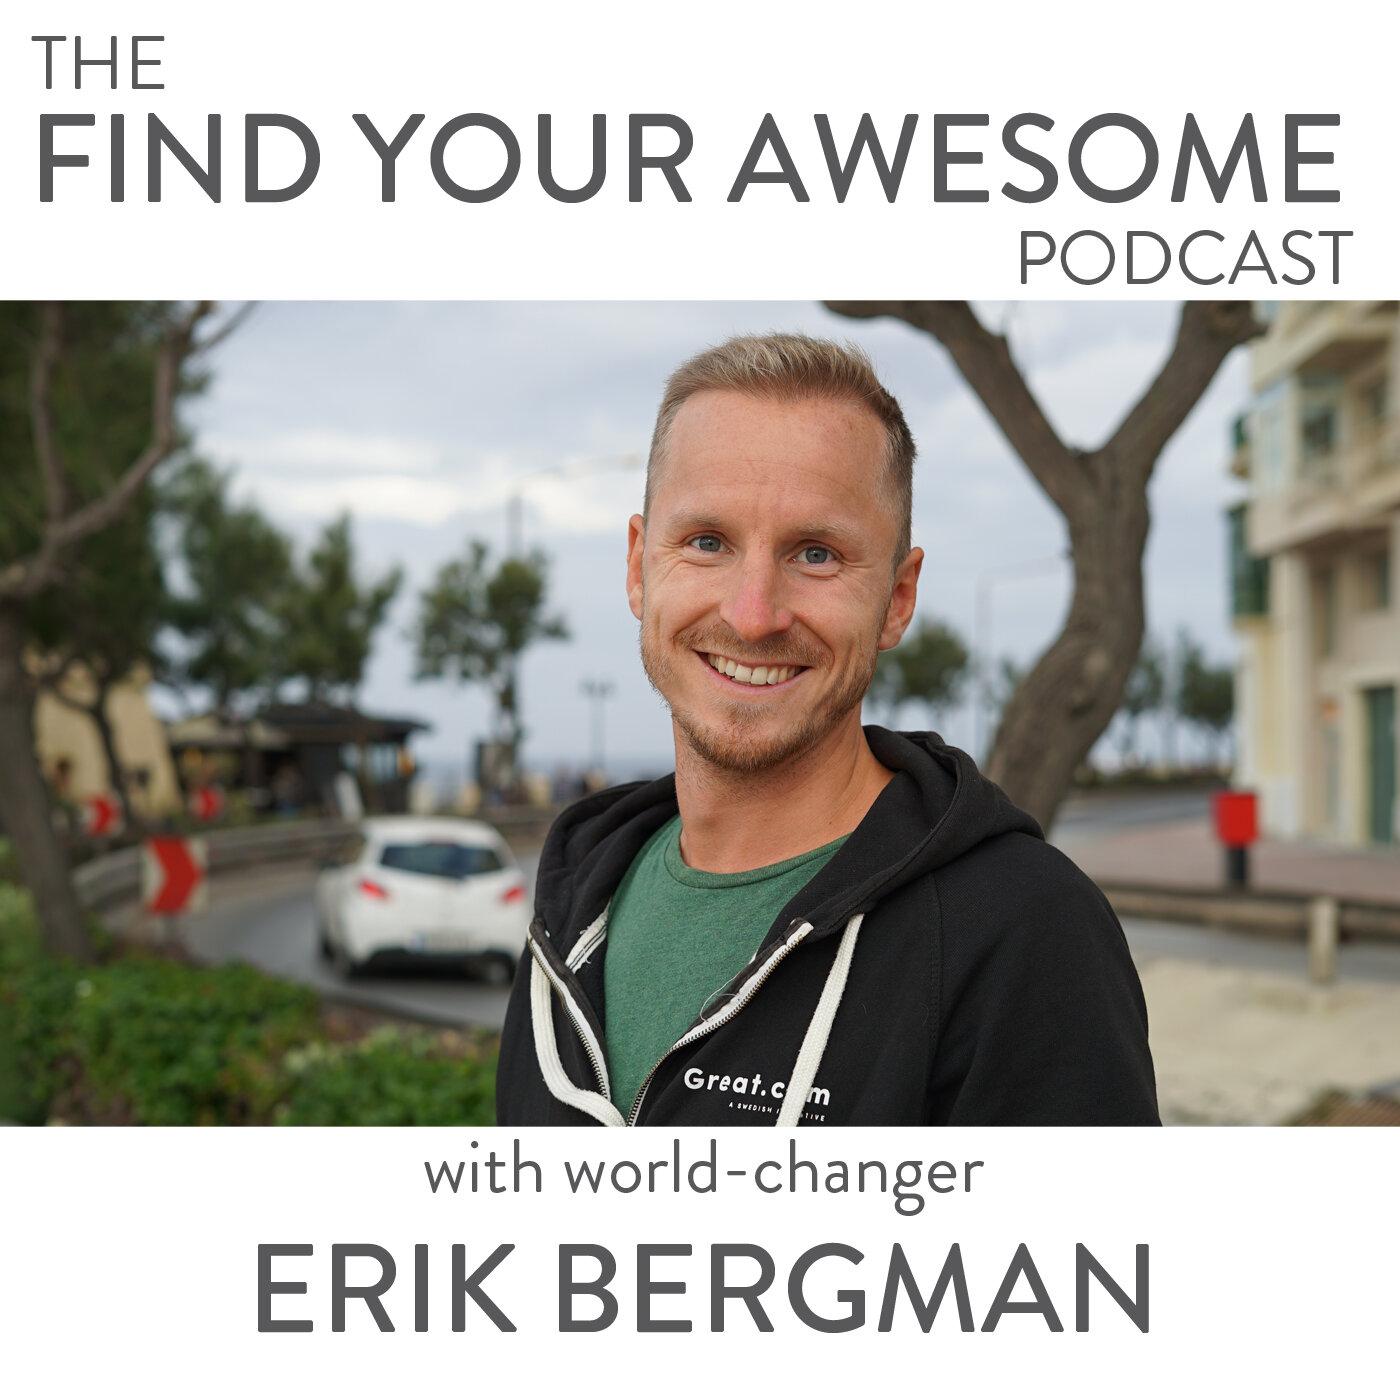 ErikBergman_podcast_coverart.jpg